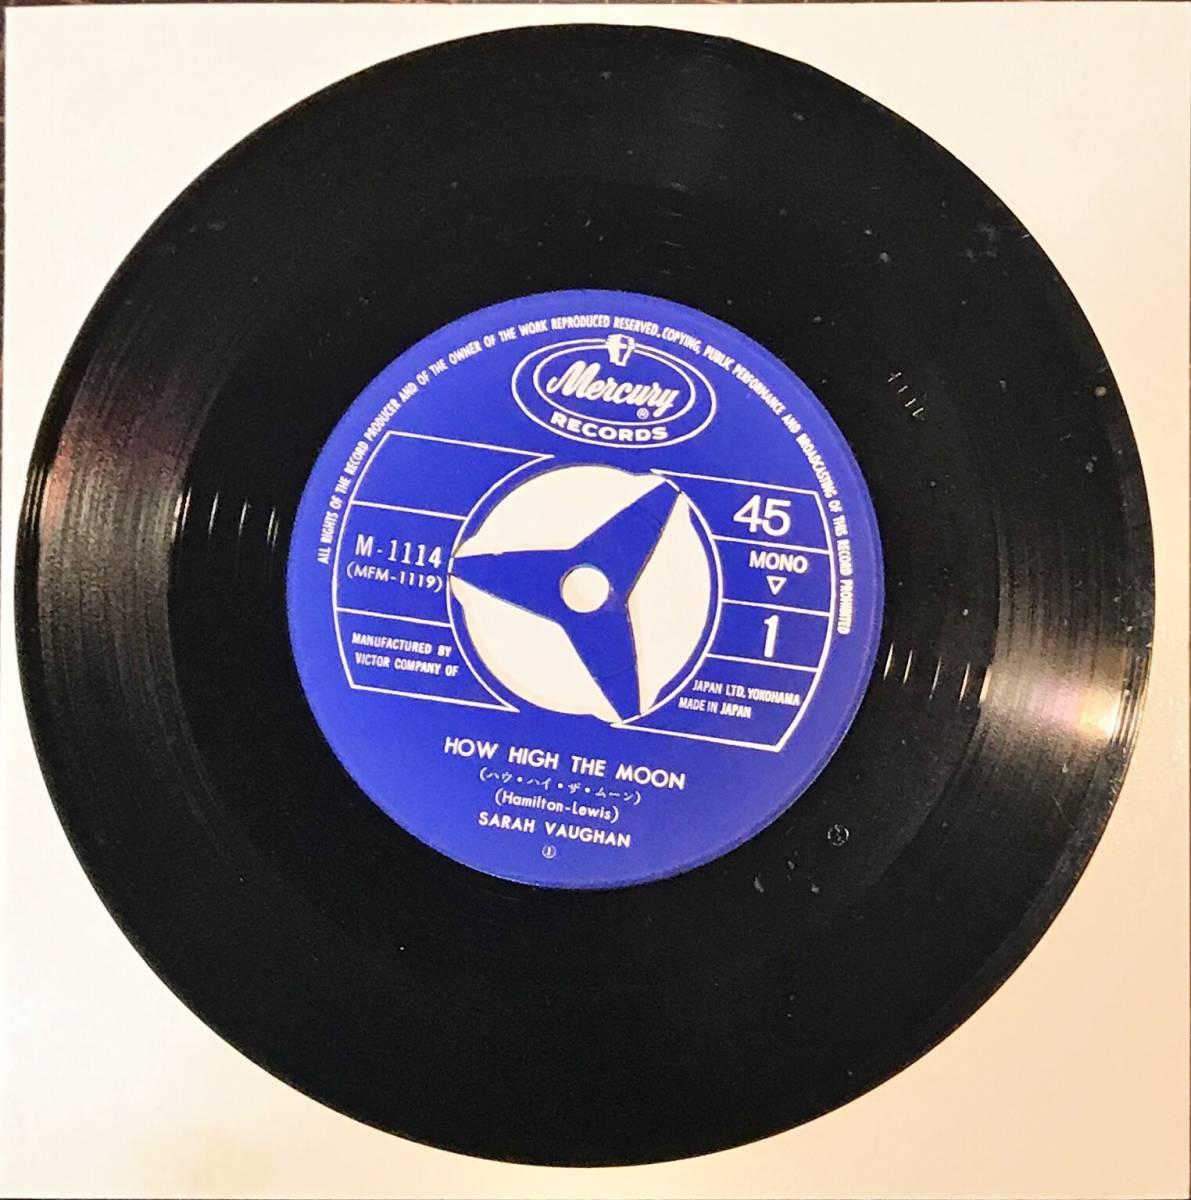 【試聴】日本盤SWINGジャズ45 サラ・ヴォーン // ハウ・ハイ・ザ・ムーン / バードランドの子守唄【EP】スイングJAZZ sarah vaughan 7inch_画像4